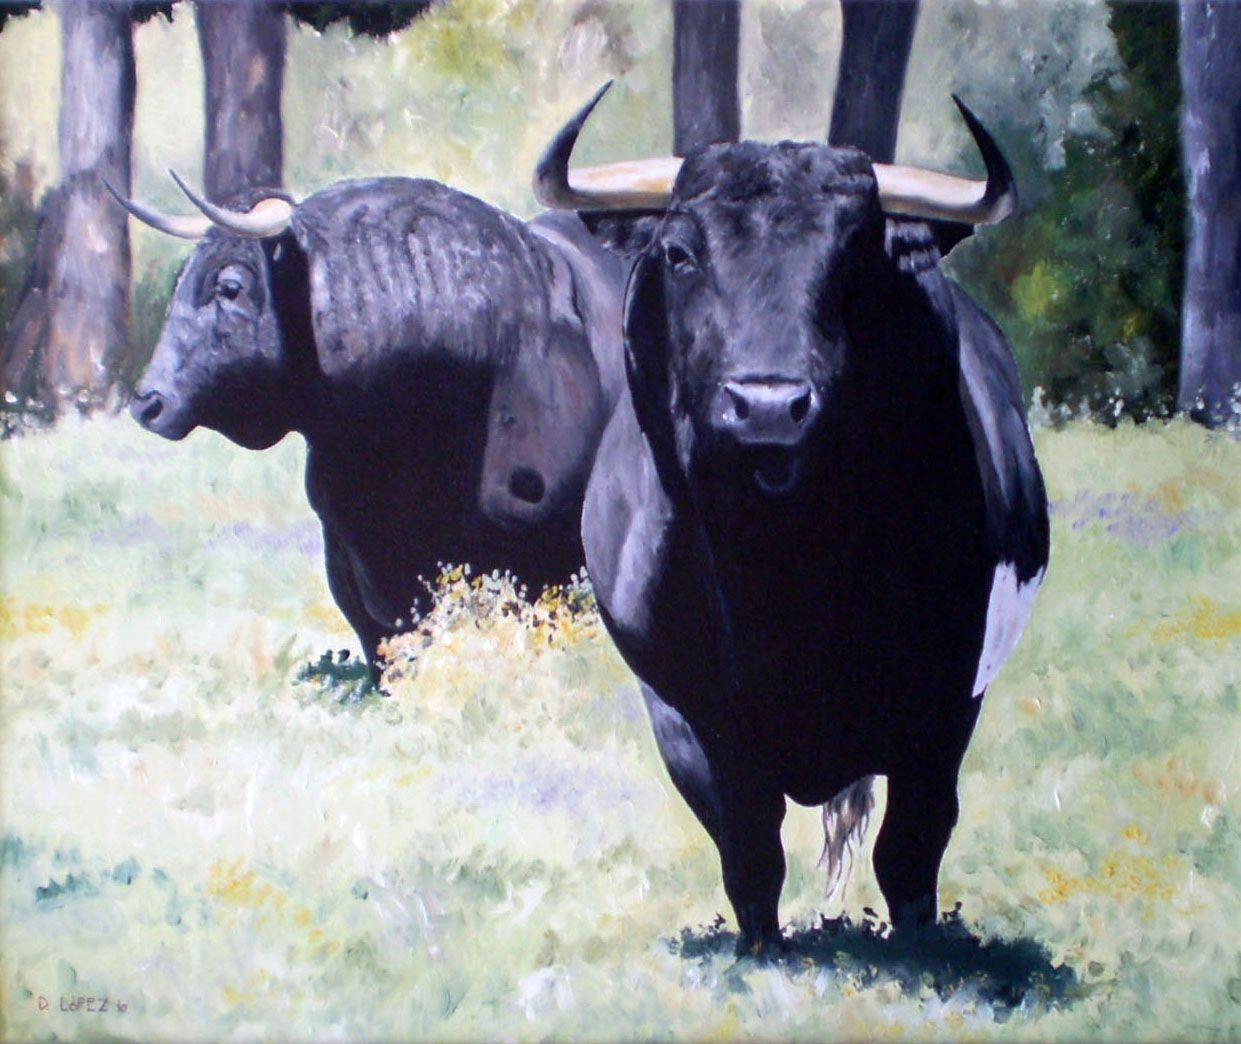 NO TO TORO DE LA VEGA!! SIGN PLEASE! A Bull is speared to death by several hundred men! Stop this! http://www.change.org/es-LA/peticiones/ayuntamiento-de-tordesillas-y-diputación-provincial-de-valladolid-prohibición-del-toro-de-la-vega-tordesillas?utm_campaign=twitter_link_action_box_medium=twitter_source=share_petition